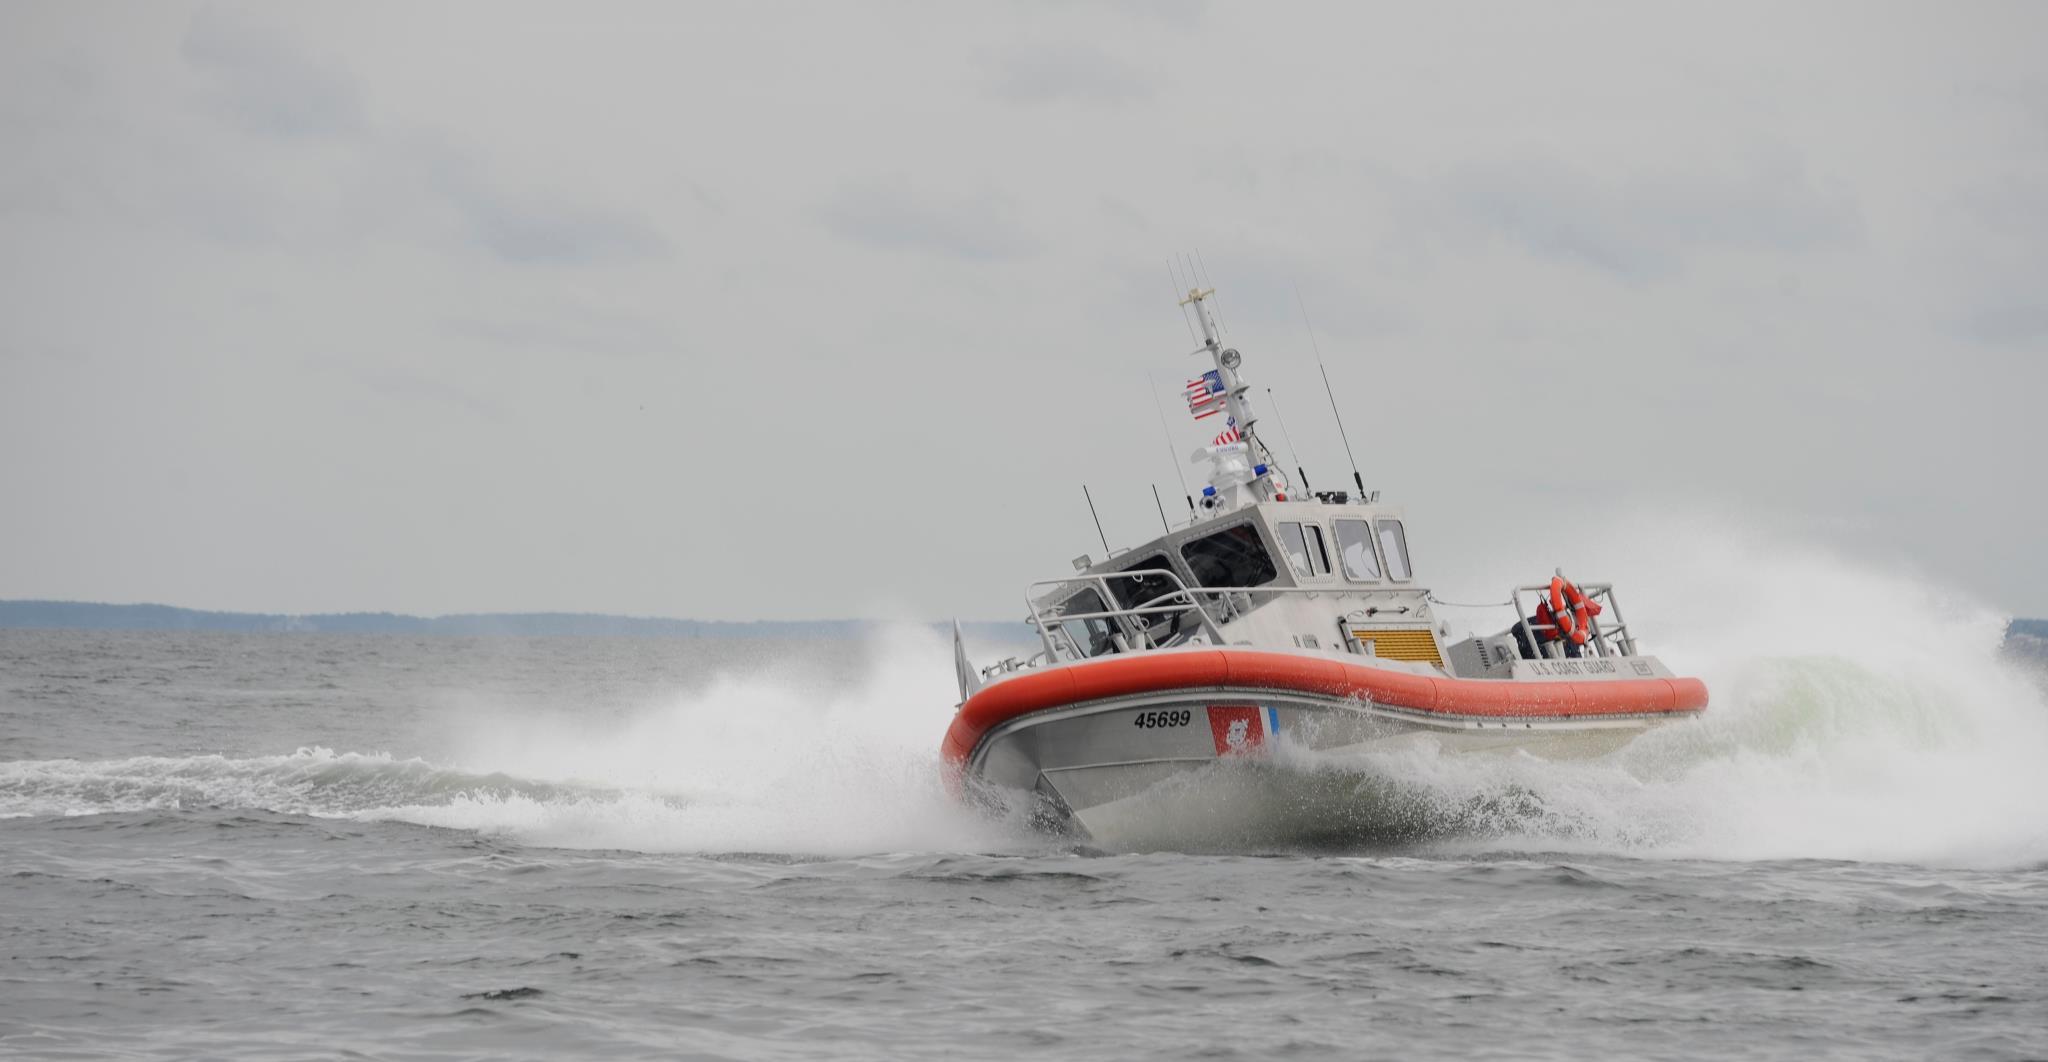 Stolen Vessel Recovered; Two Men Arrested